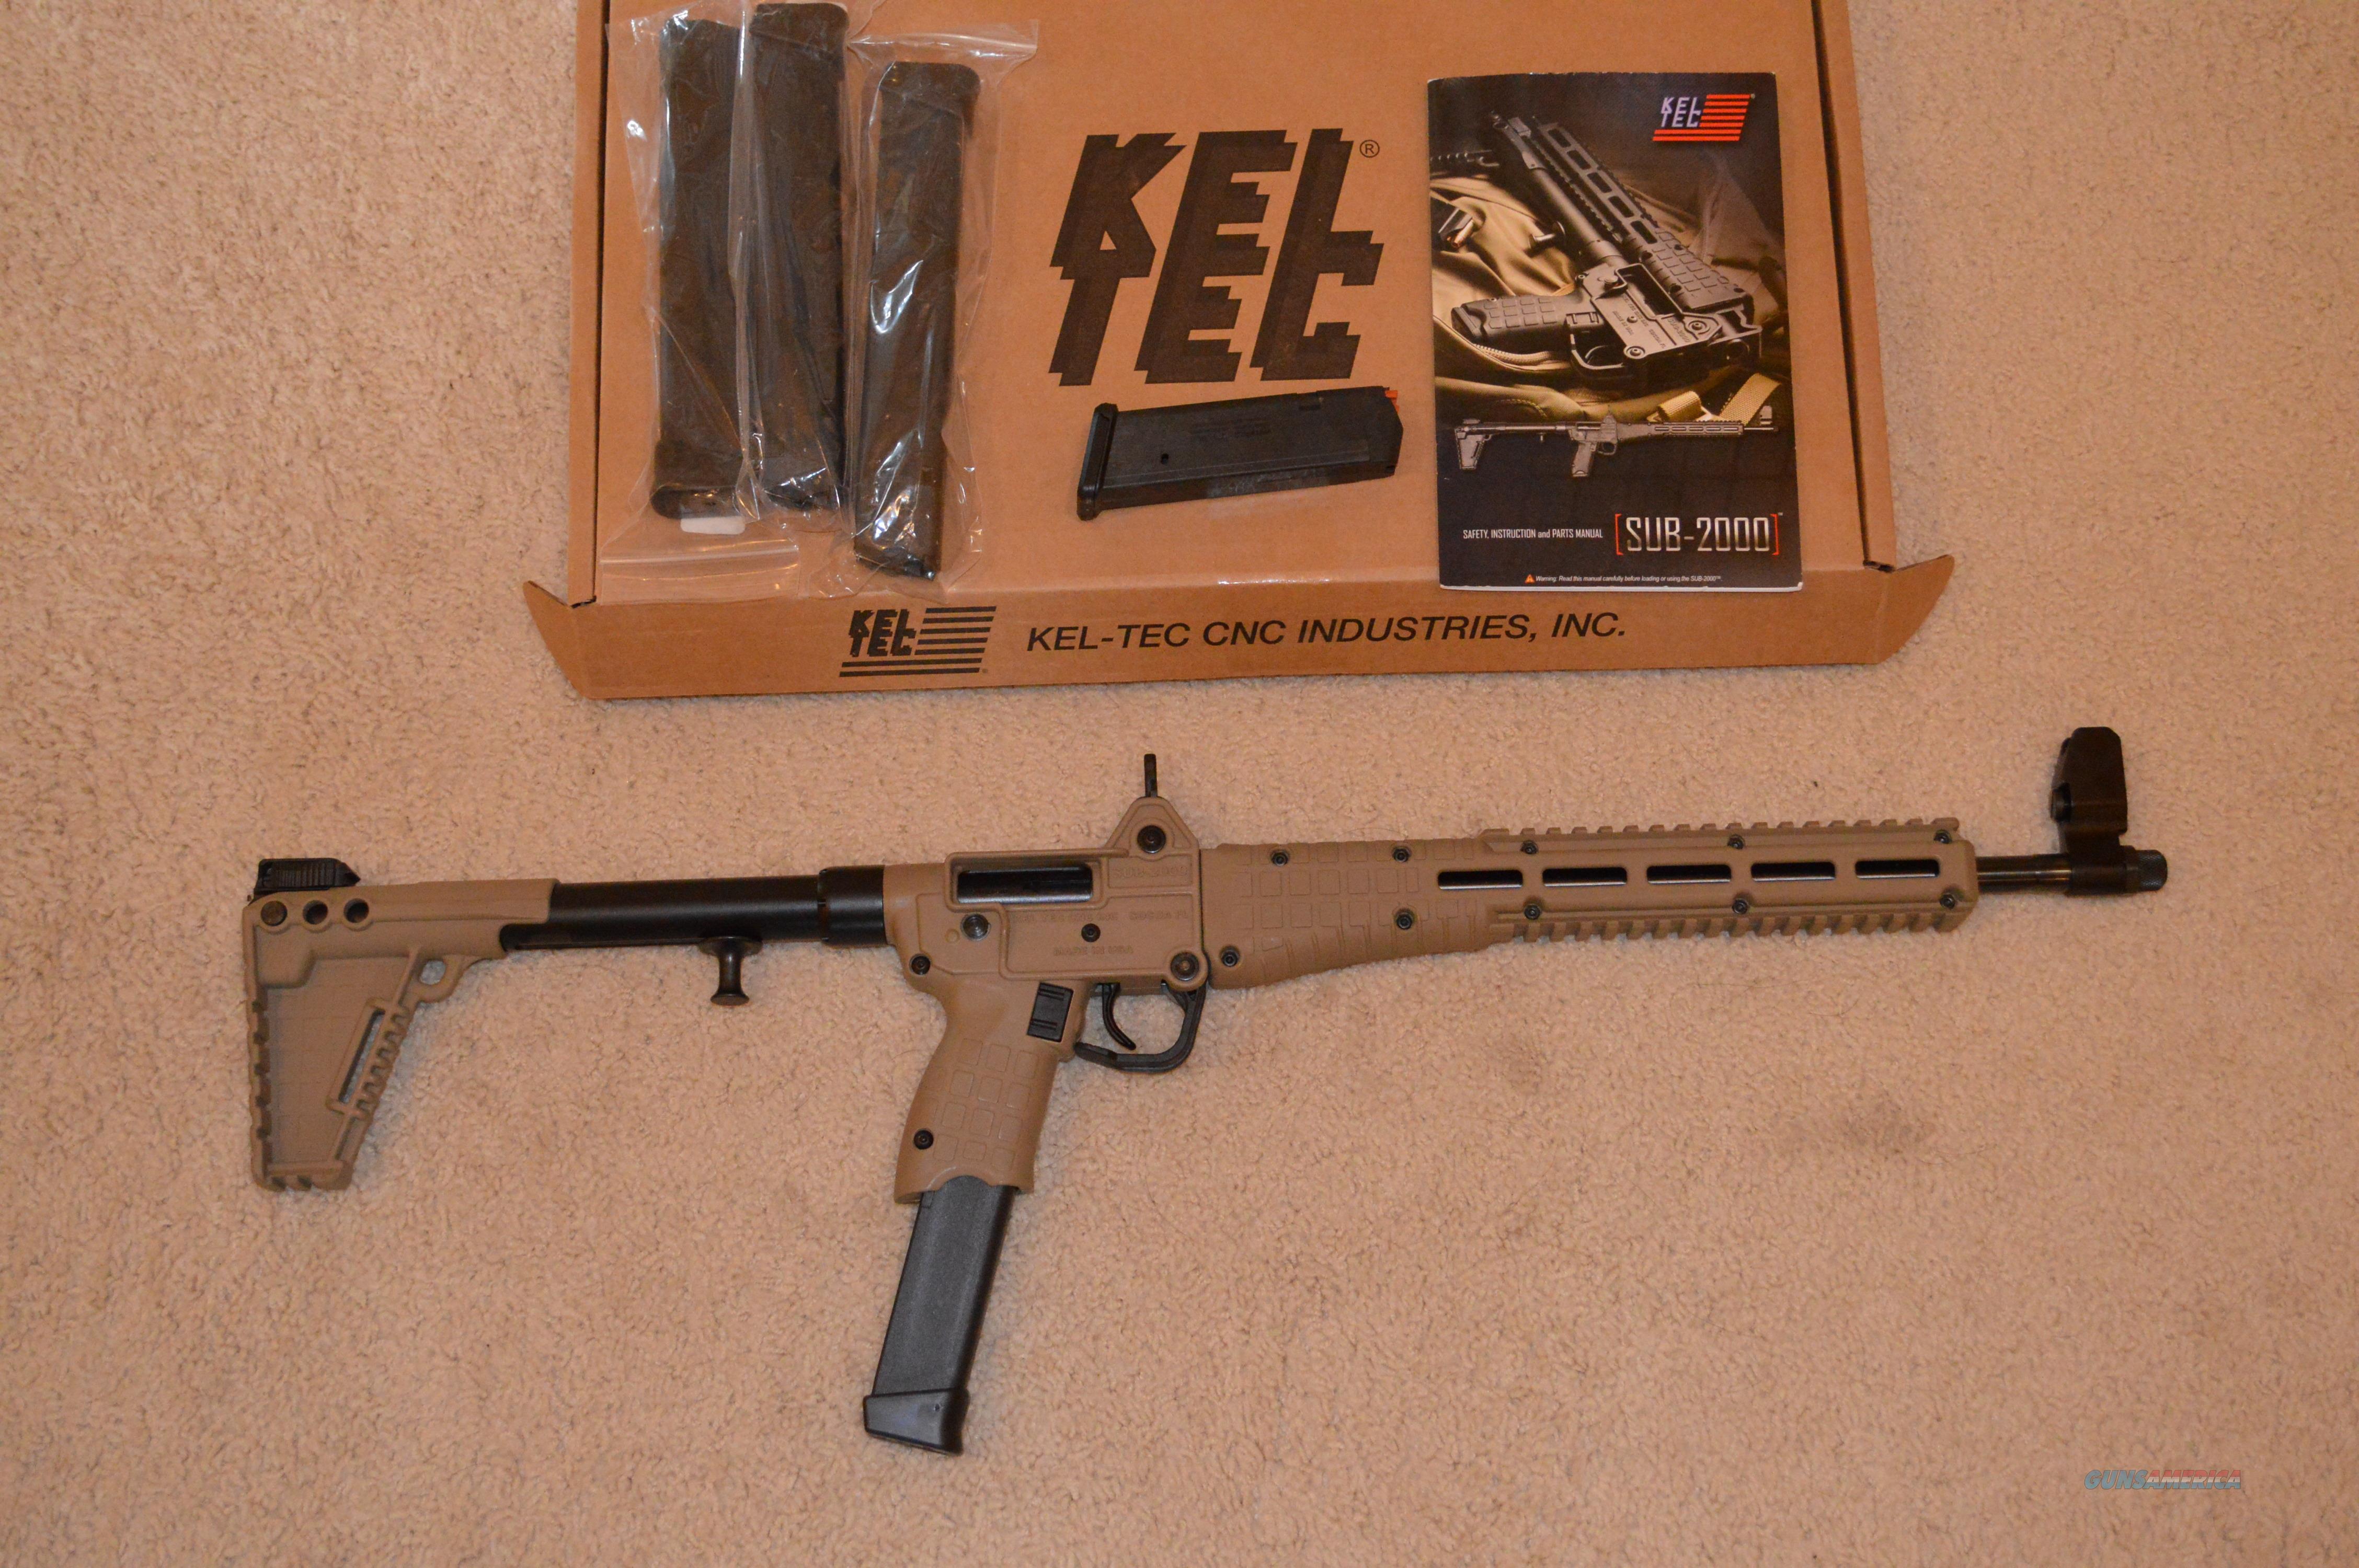 Kel-tec sub rifle 2000 instructions manual usermanuals. Tech.